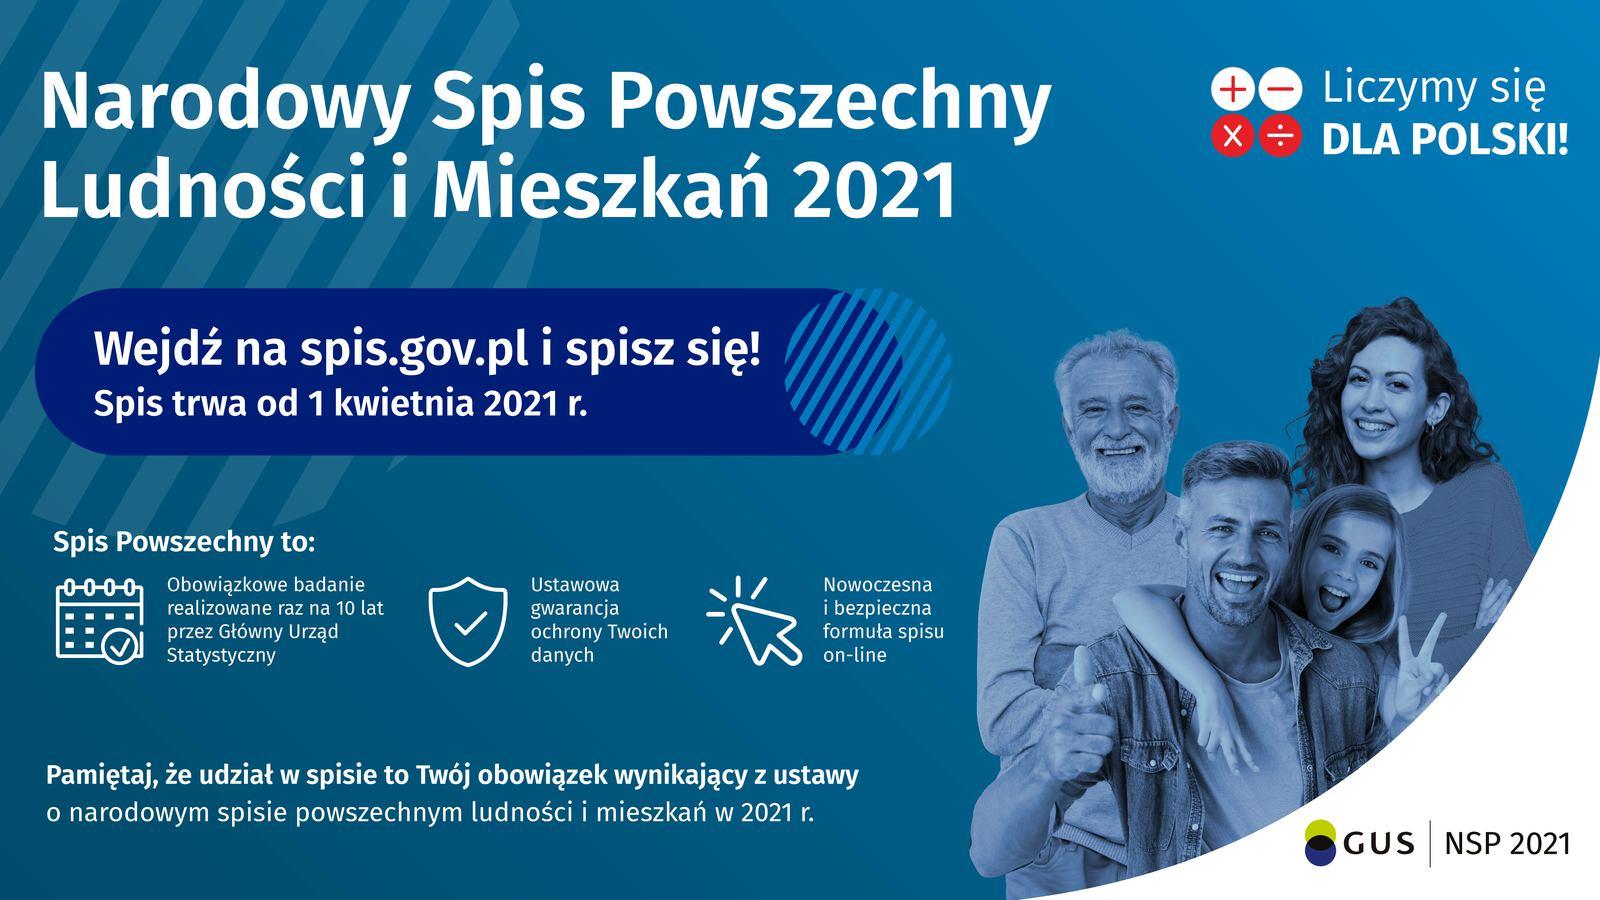 Narodowy Spis Powszechny Ludności i Mieszkań 2021 Liczymy się dla Polski Wejdź na spis.gov.pl i spisz się! Spis trwa od 1 kwietnia 2021 Spis powszechny to: obowiązkowe badanie realizowane raz na 10 lat przez Główny Urząd Statystyczny Ustawowa gwarancja ochrony Twoich danych Nowoczesna i bezpieczna formuła spisu on-line Pamiętaj, że udział w spisie to Twój obowiązek wynikający z ustawy o narodowym spisie powszechnym ludności i mieszkań w 2021 r.